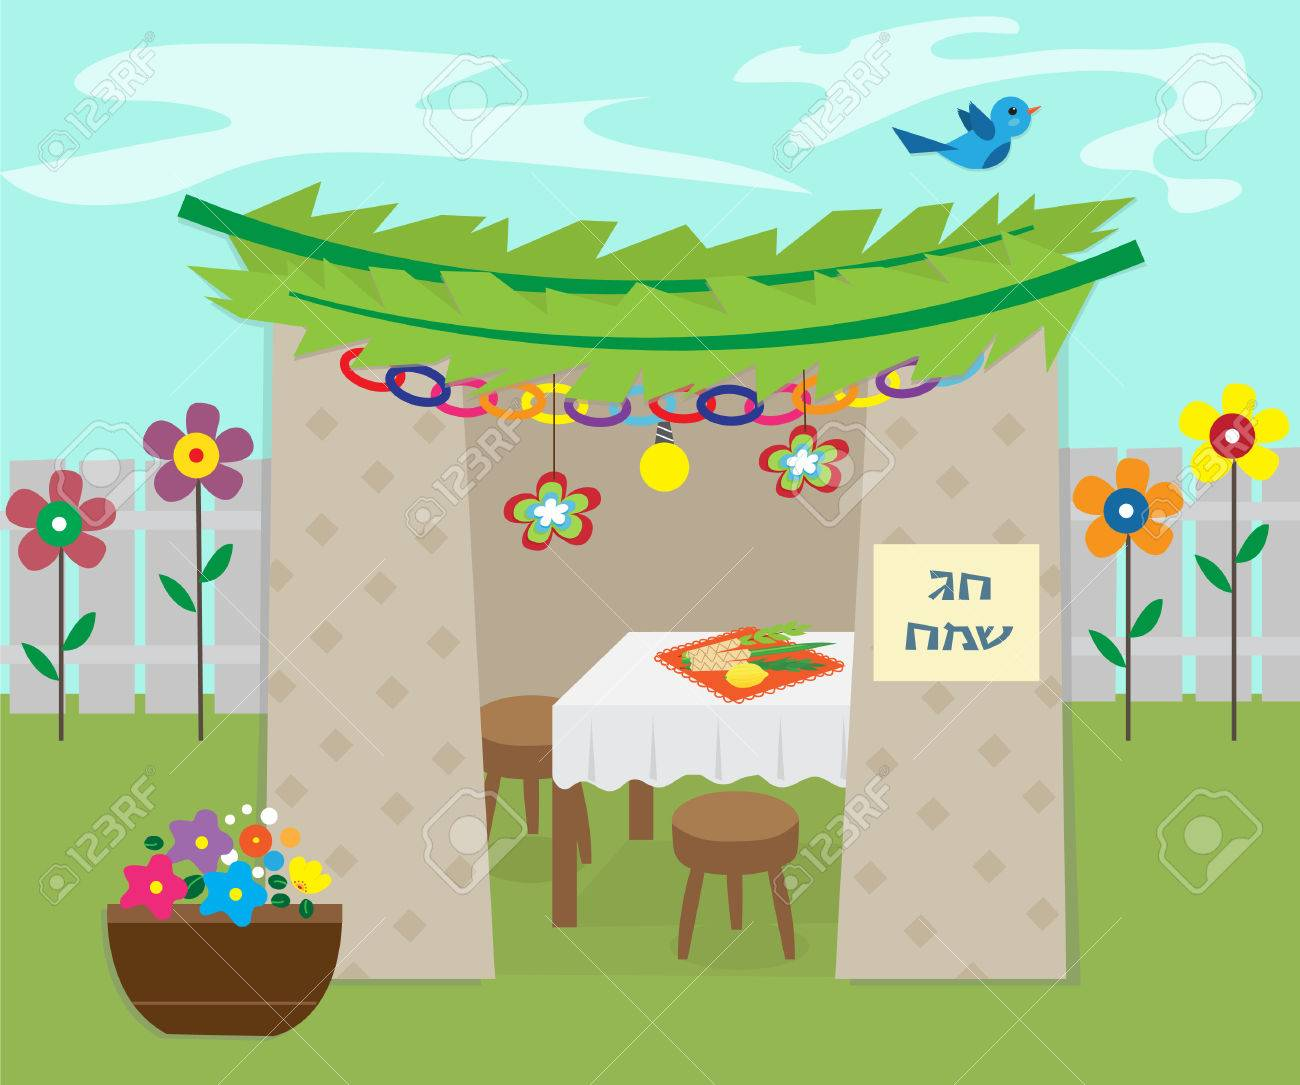 22185127-decorativo-sucá-ilustración-de-sucá-con-decoración-y-símbolos-de-vacaciones